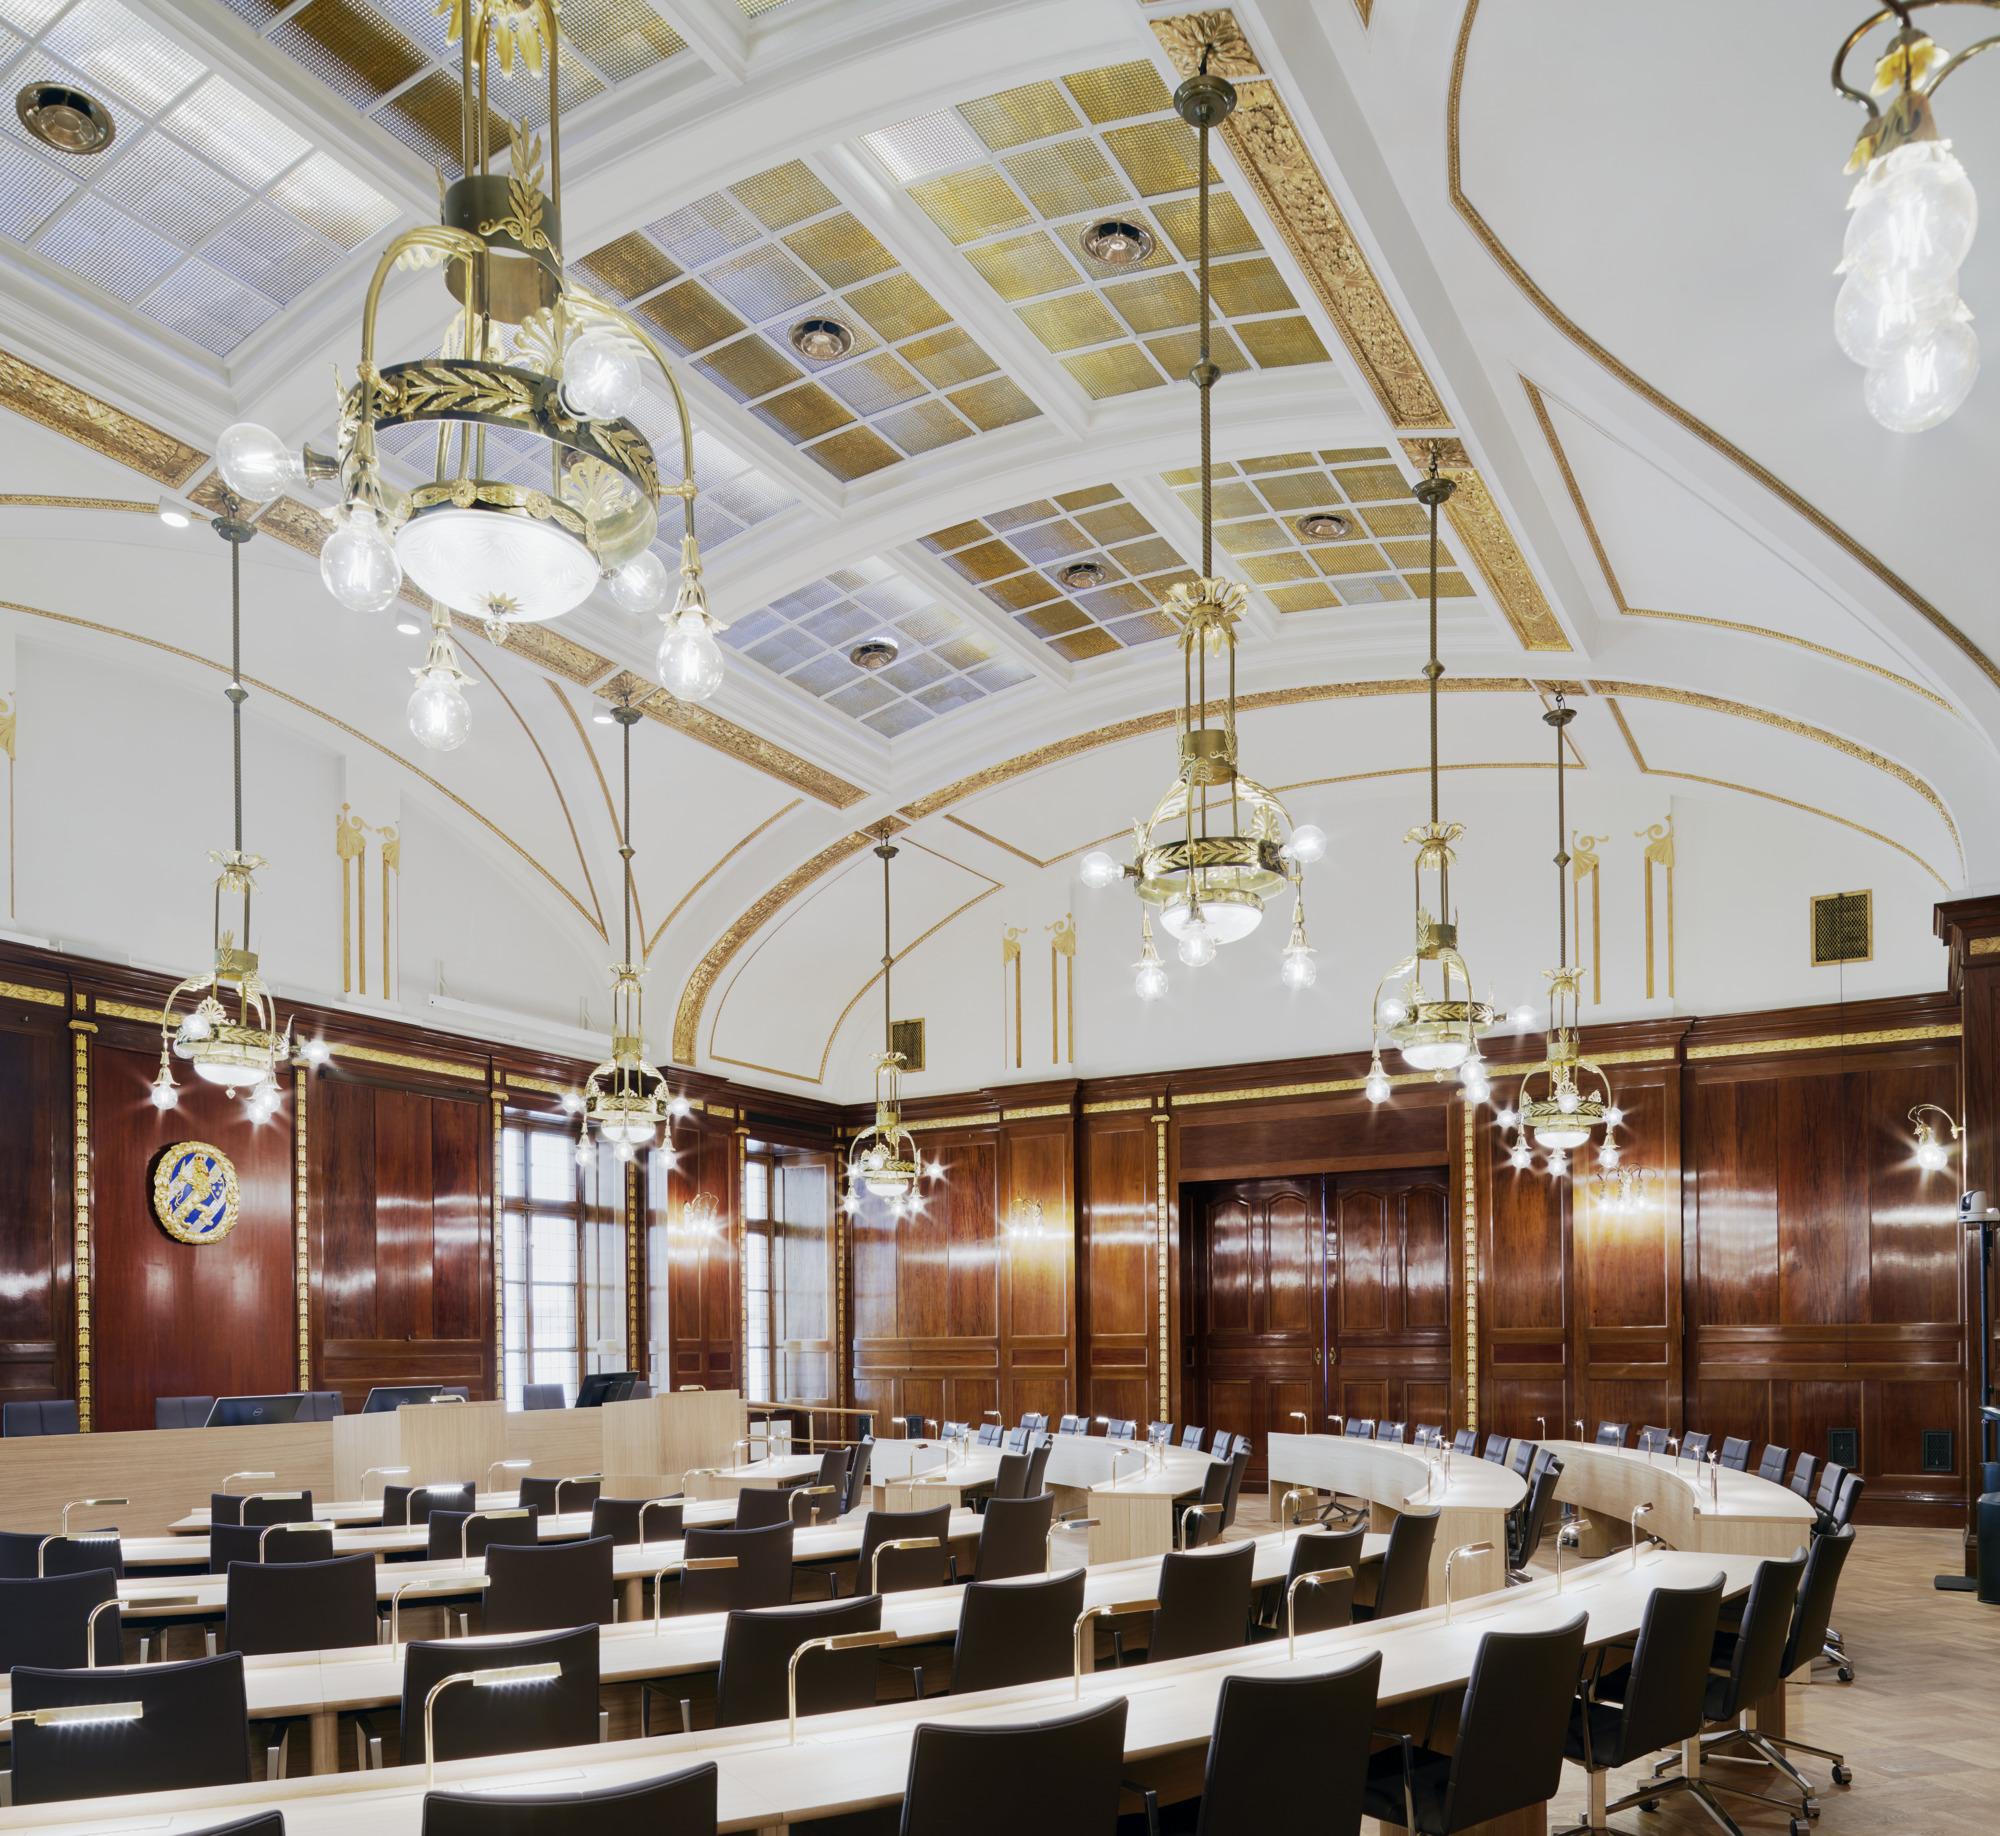 Interiörbild av Kommunfullmäktigesalen i Börsen.